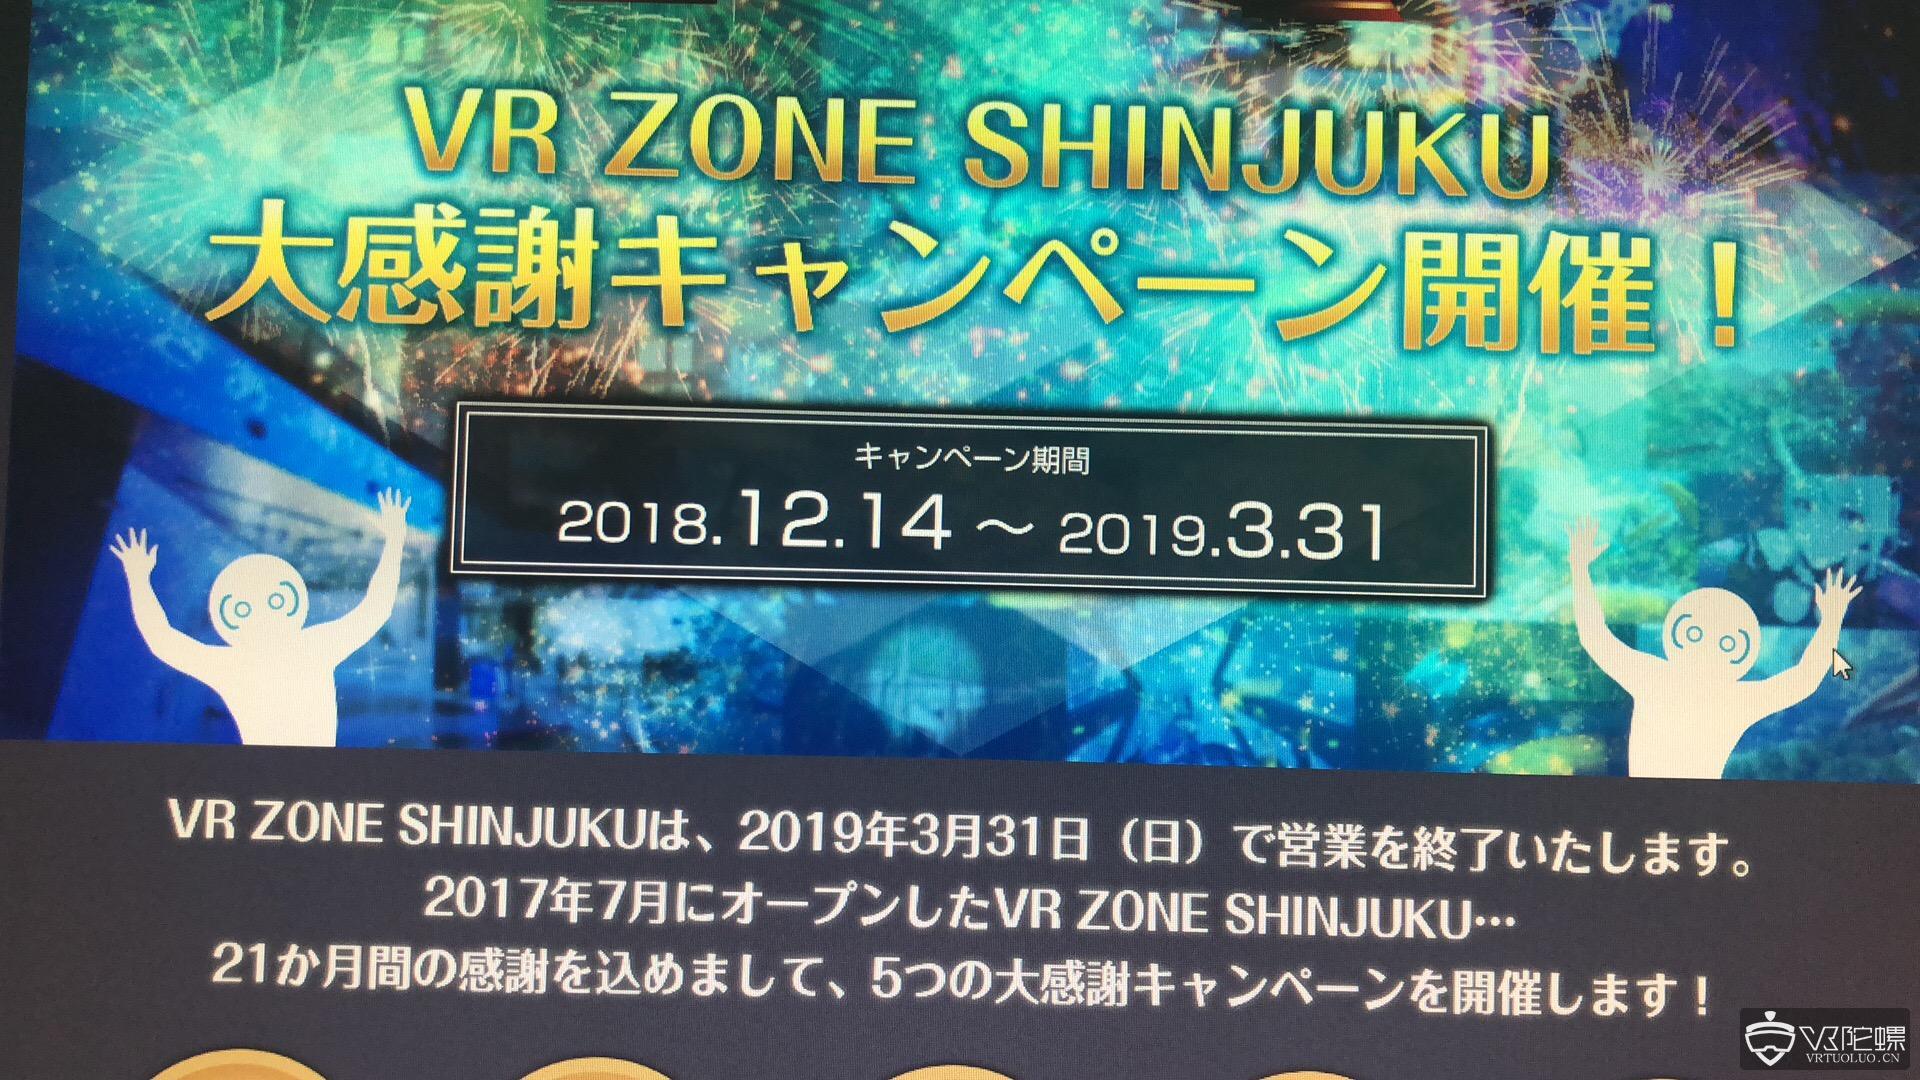 日本最大VR线下体验店VR ZONE 新宿店于3月31日结束营业